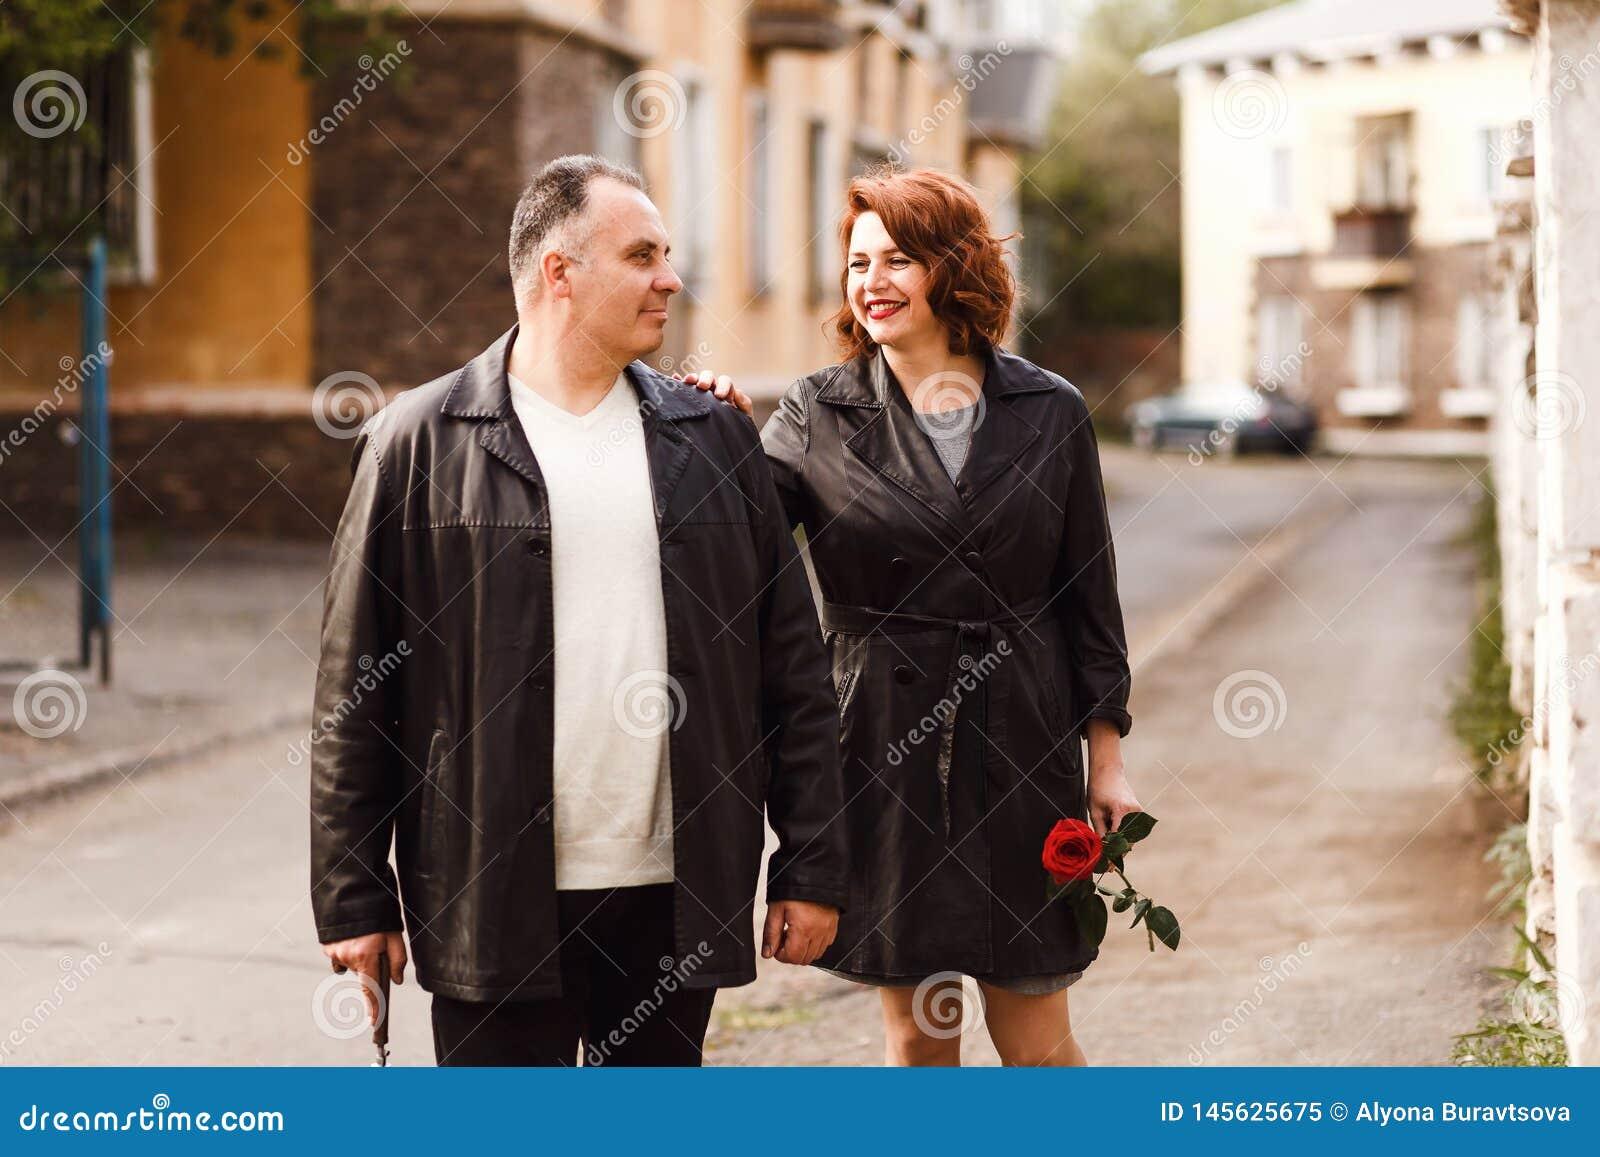 Pełnoletnia para w skórze pokrywa odprowadzenie przez miasto ulic w lecie Szczęśliwy mężczyzny i kobiety czterdzieści pięć lat